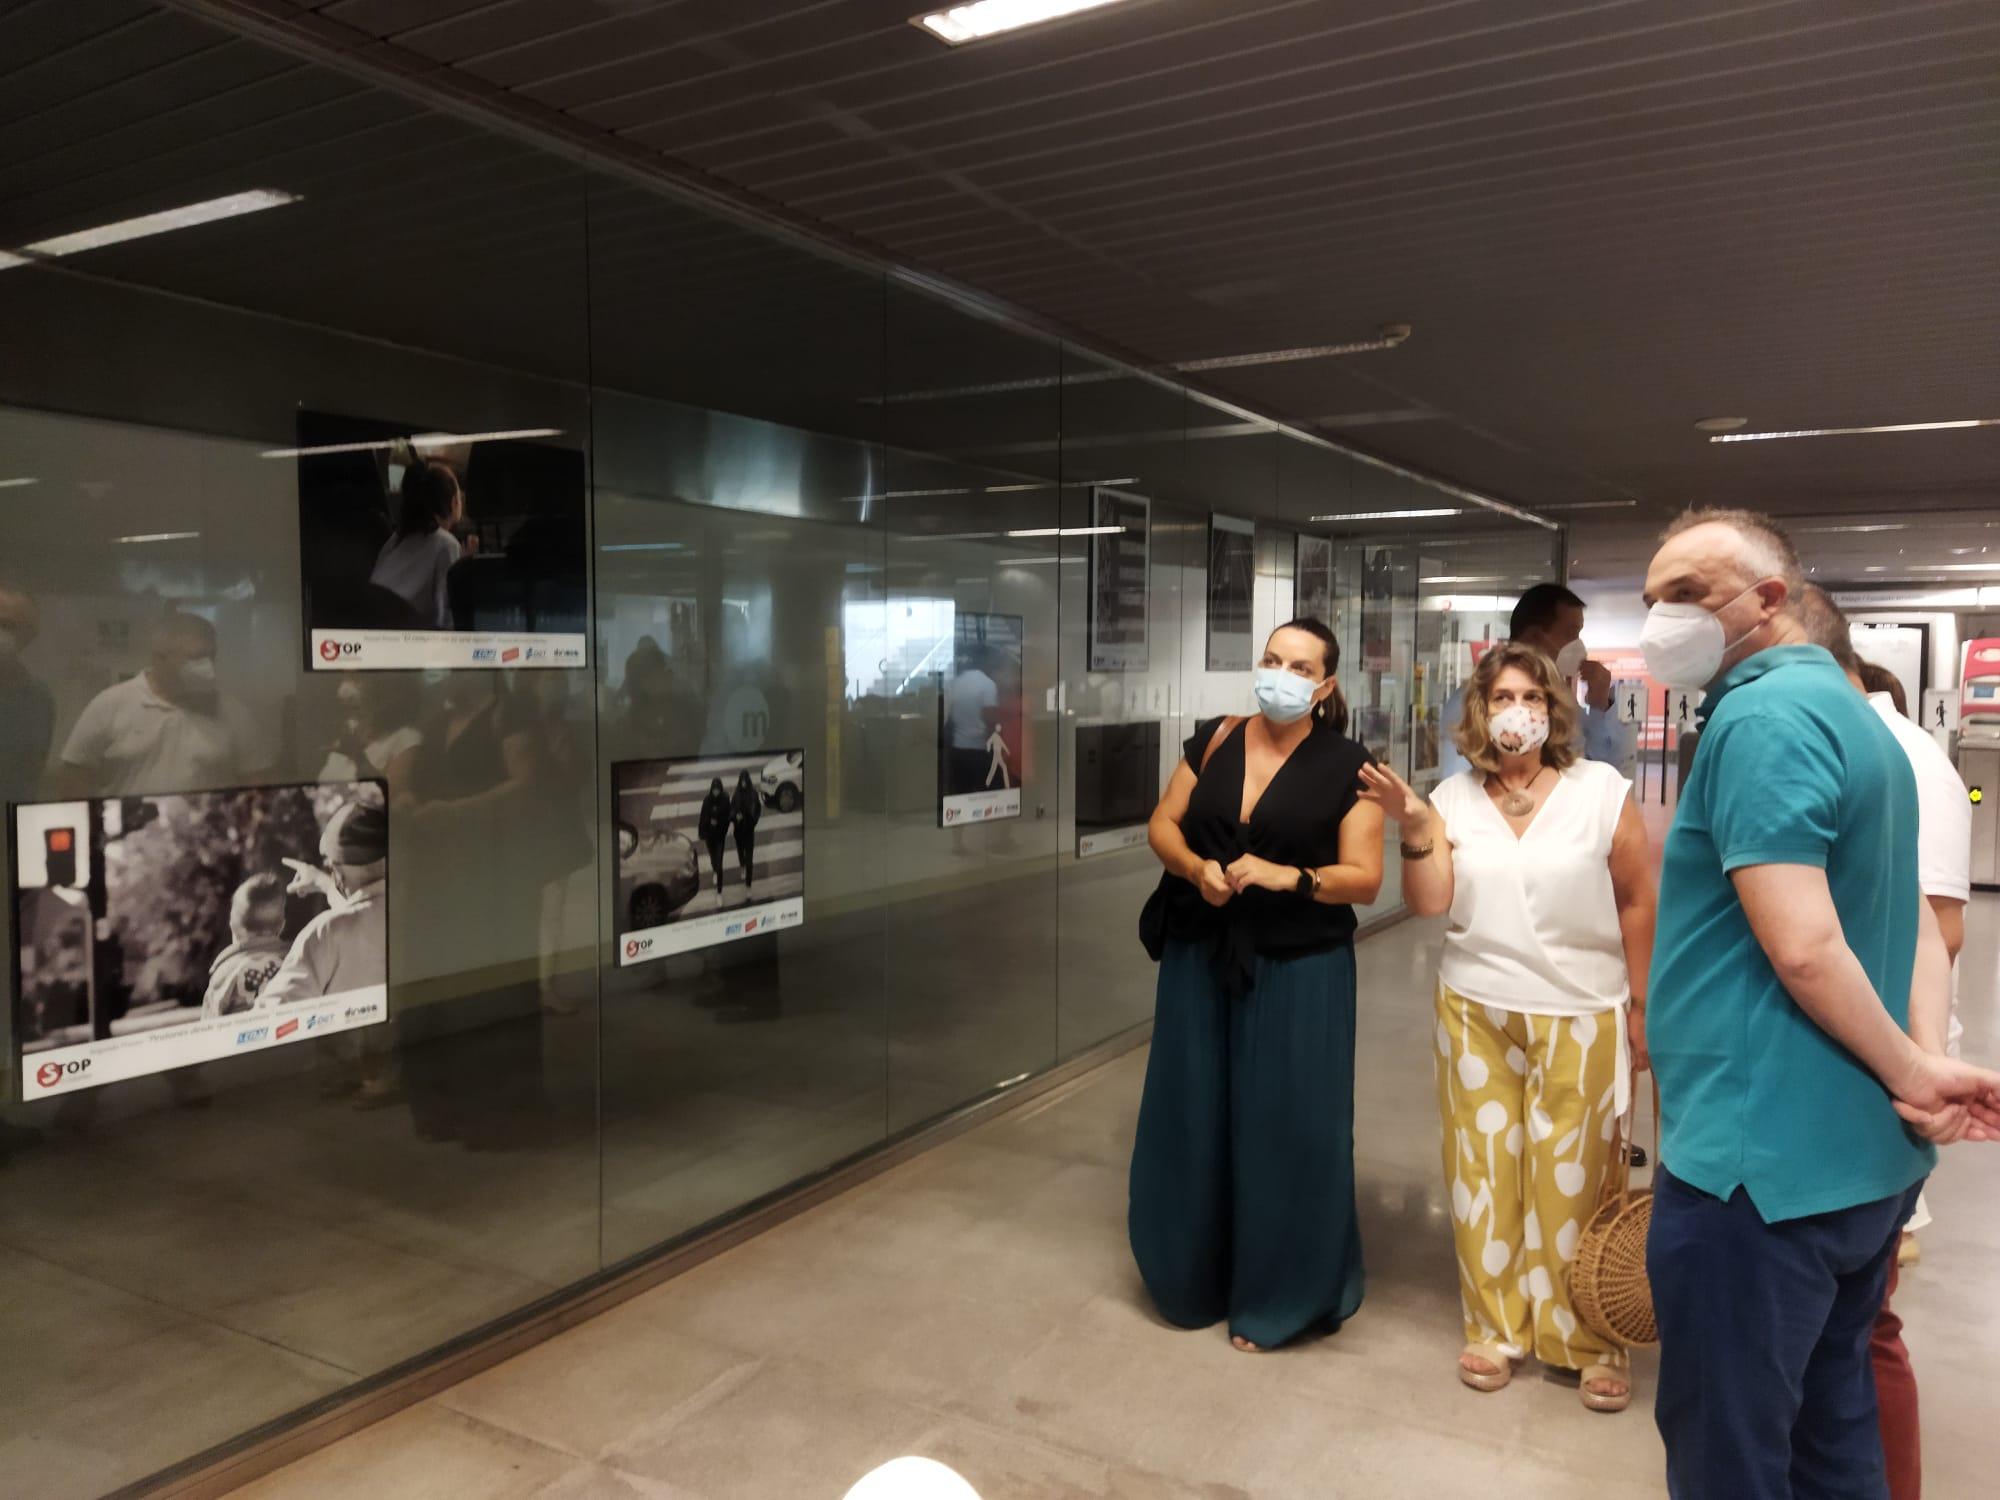 """Ferrocarrils de la Generalitat y Stop Accidentes presentan en la estación de Bailén de Metrovalencia la exposición """"Peatón no atravieses tu vida"""""""